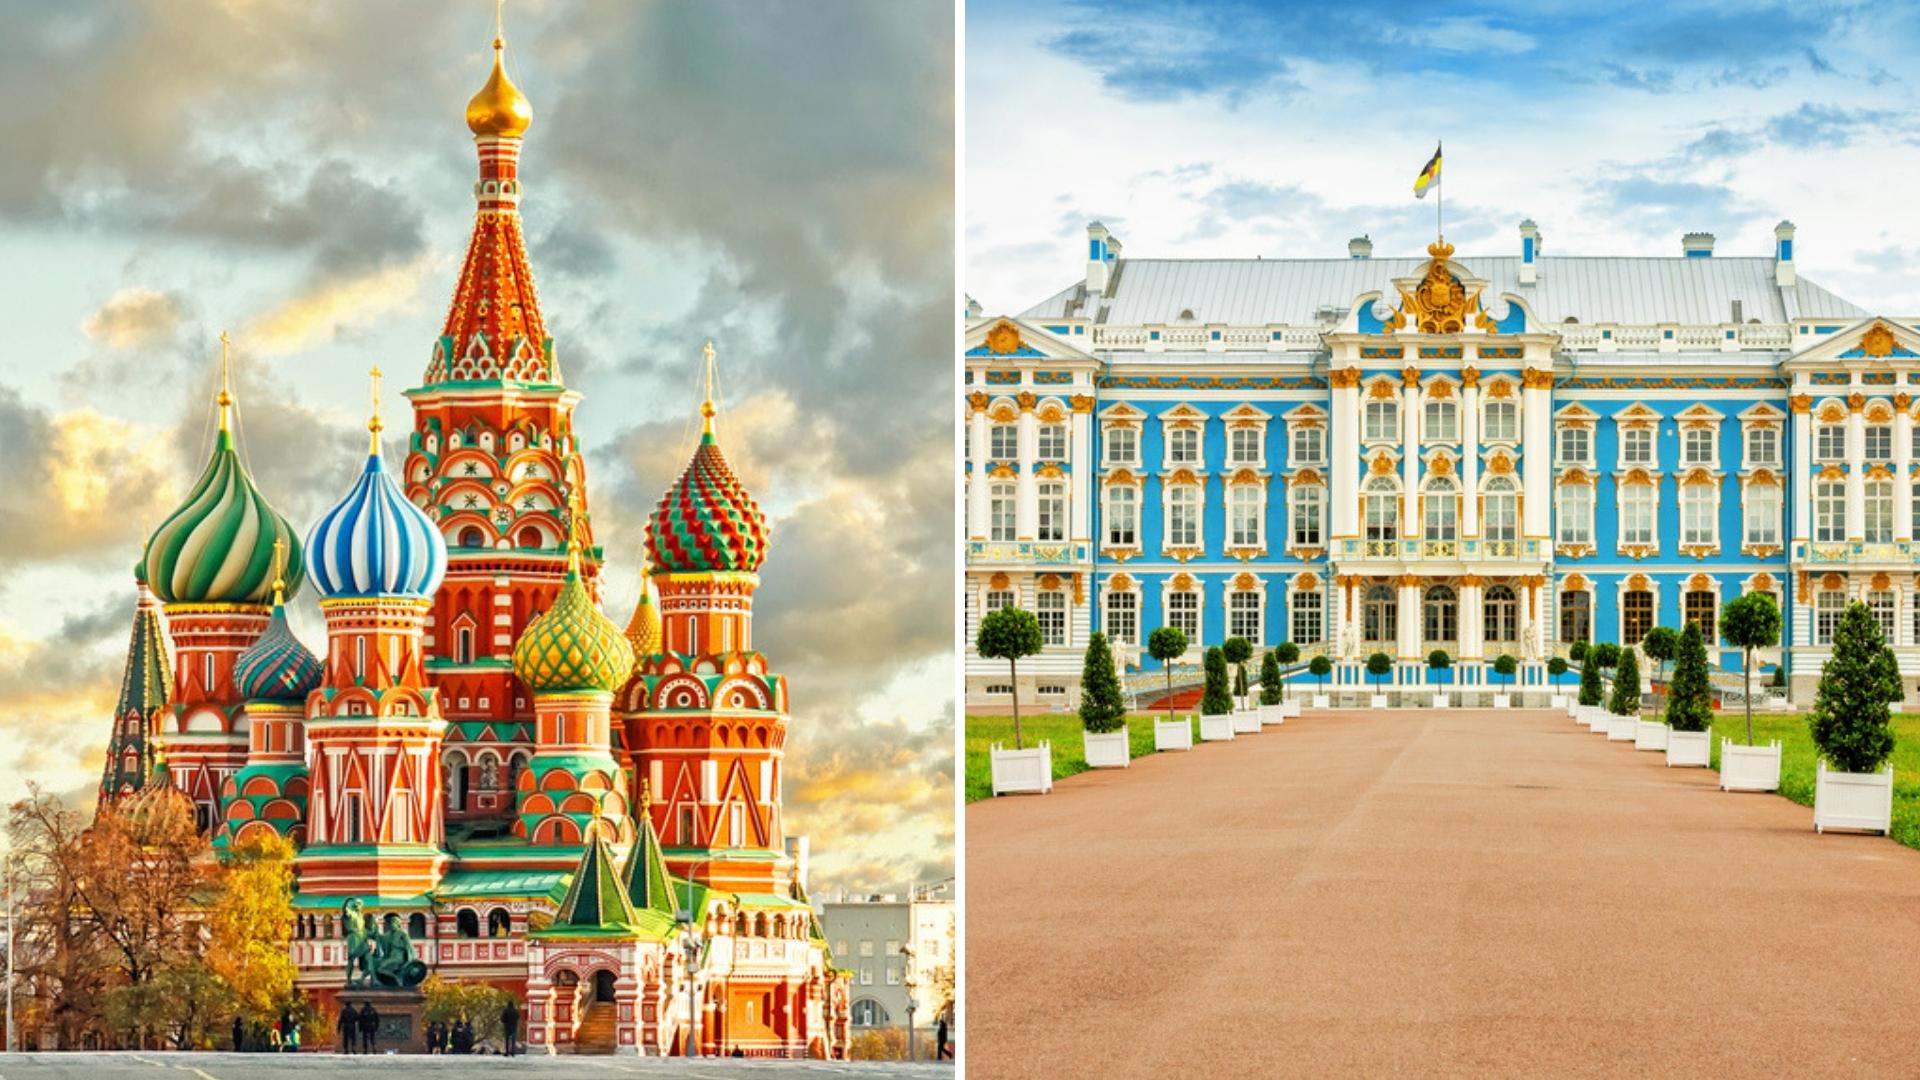 سفر به مسکو بهتر است یا سفر به سنت پترزبورگ؟